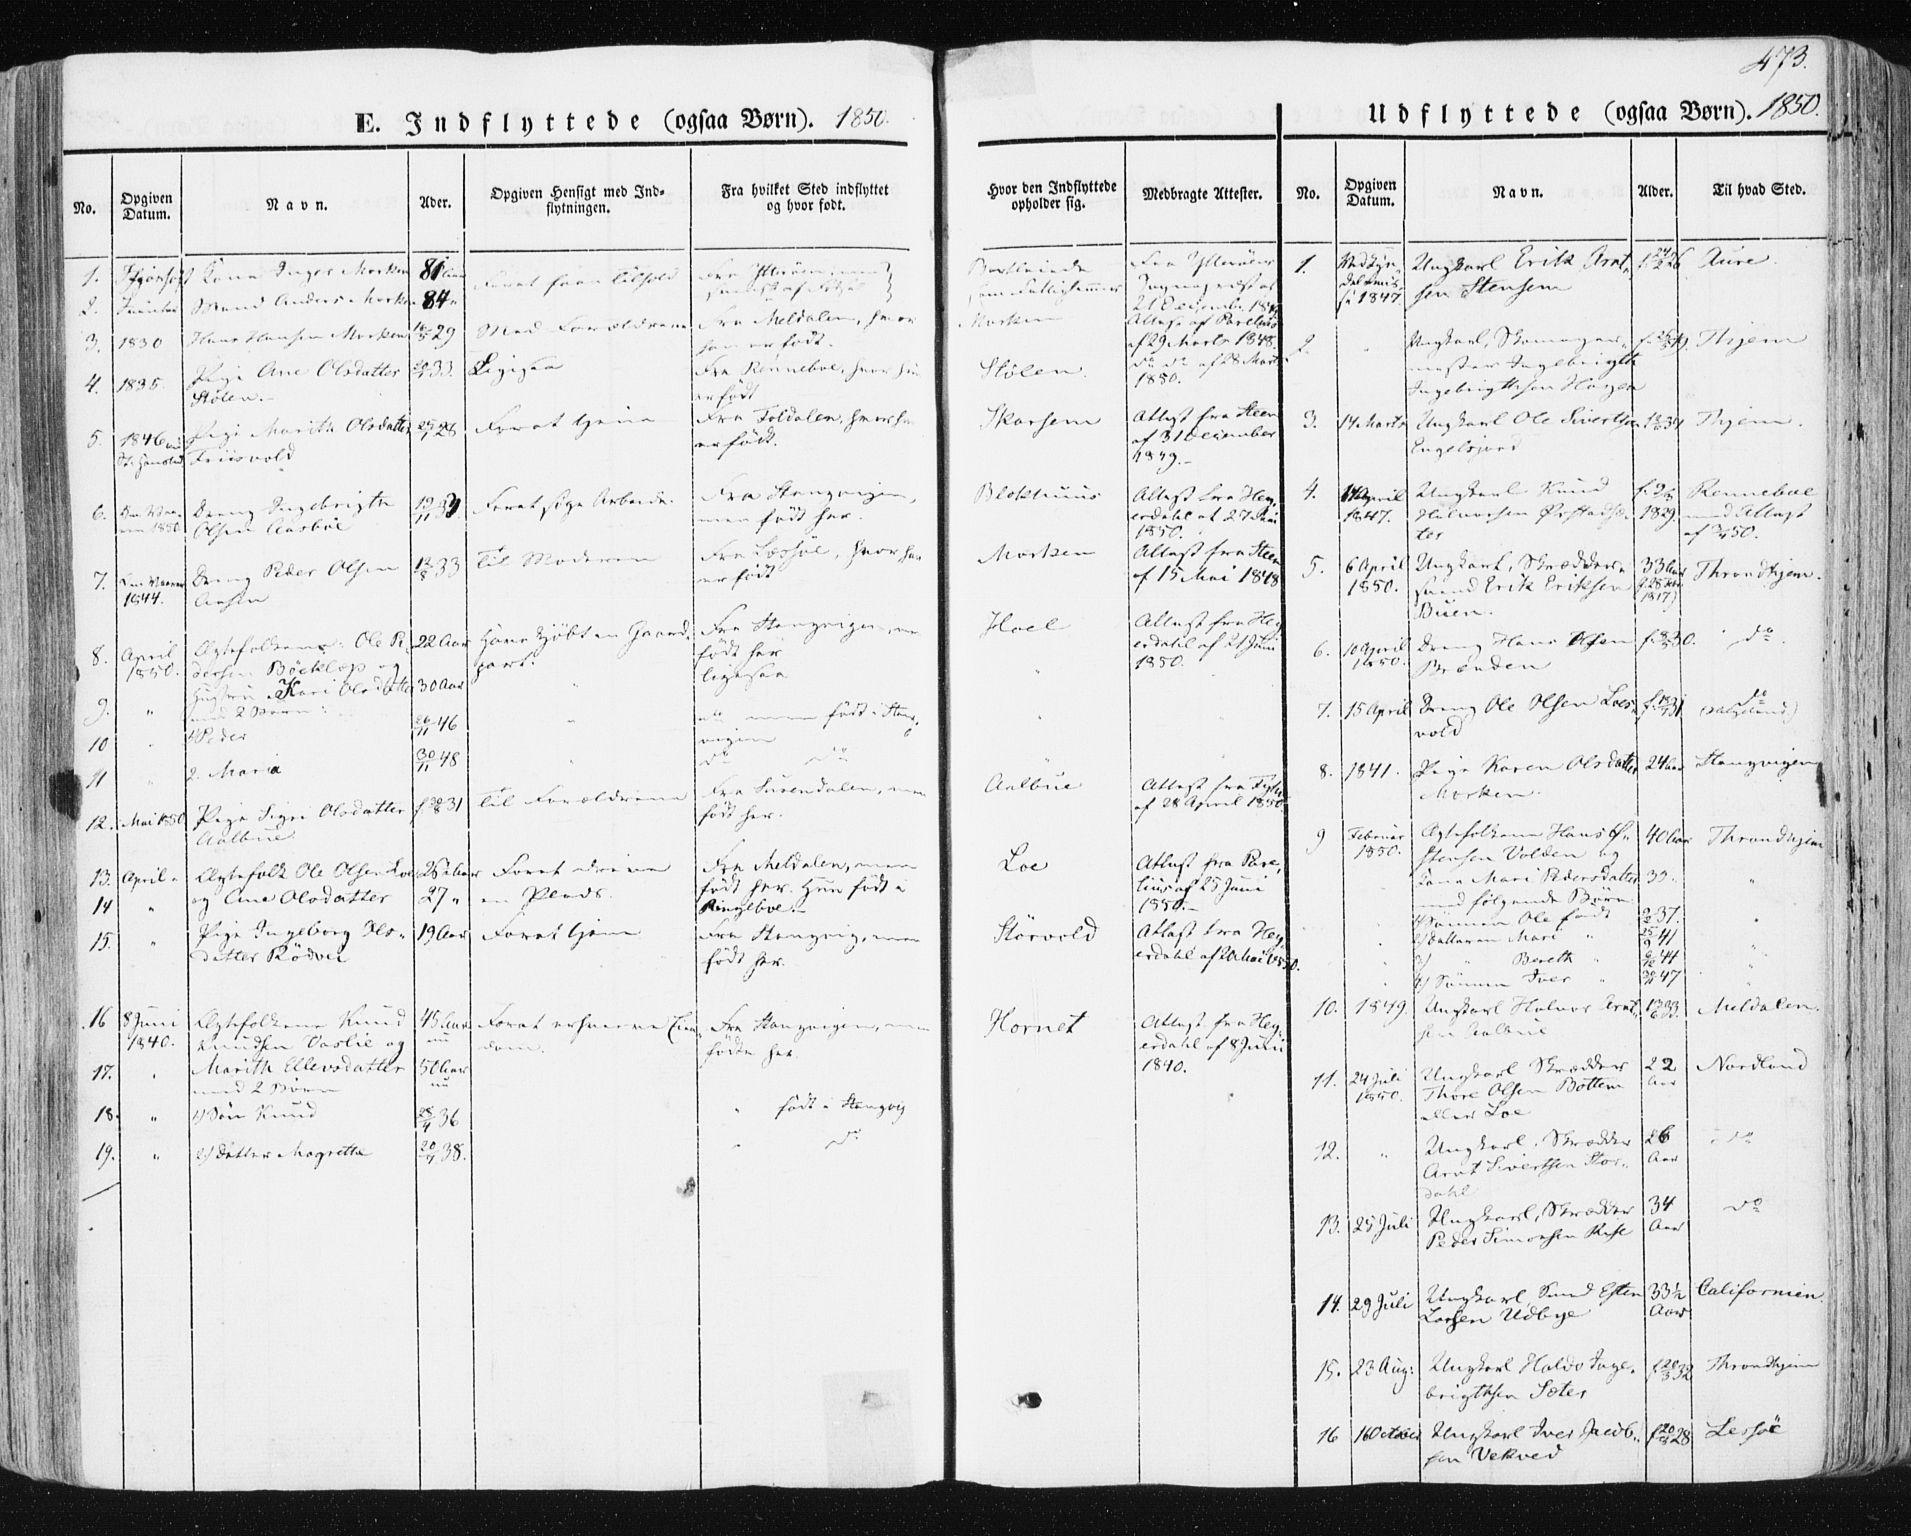 SAT, Ministerialprotokoller, klokkerbøker og fødselsregistre - Sør-Trøndelag, 678/L0899: Ministerialbok nr. 678A08, 1848-1872, s. 473